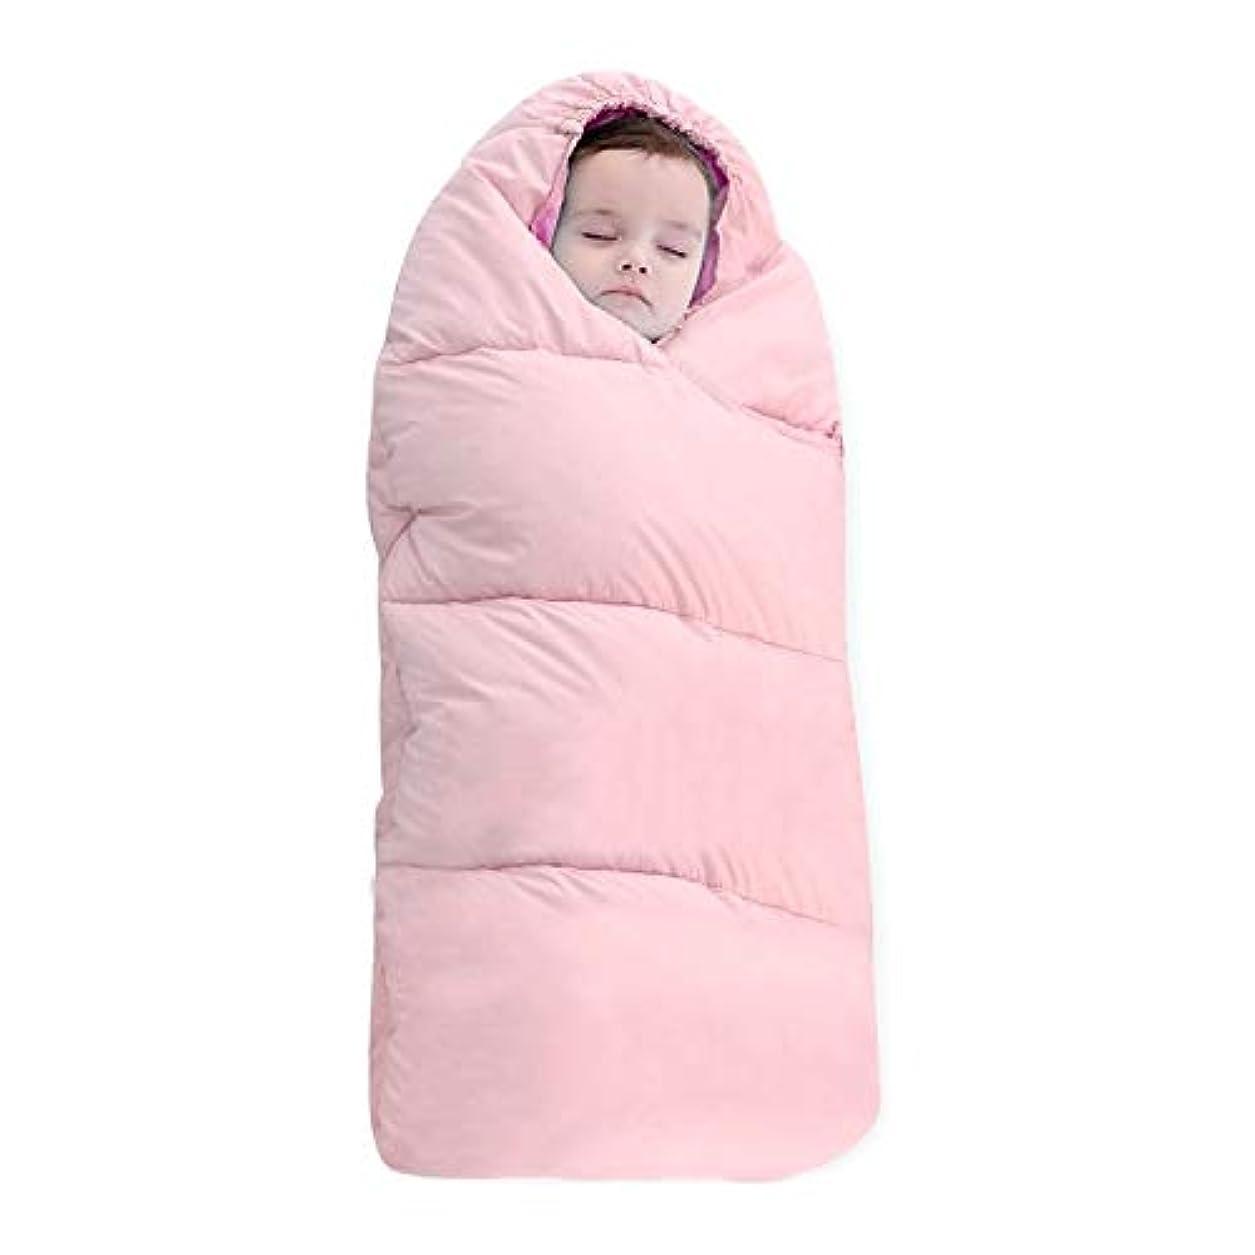 毎週後ご近所赤ちゃん寝袋 80センチメートル、0-1歳(ピンク)のために:バッグ肥厚暖かい新生児キルト、サイズスリーピングHYY赤ちゃん (色 : ピンク)